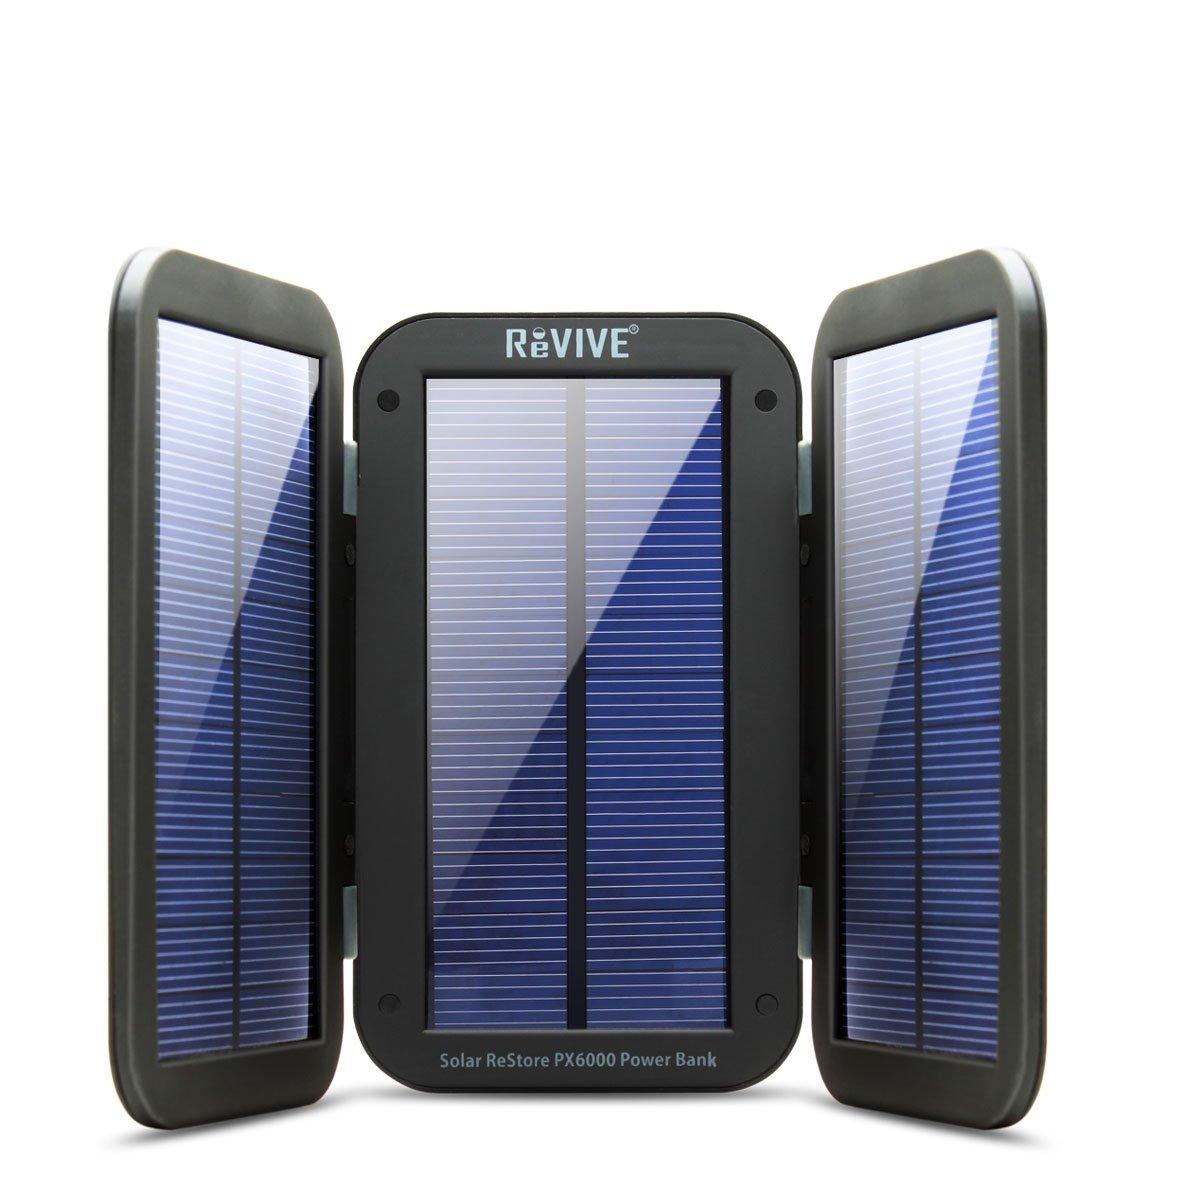 Bateria y cargador solar de alta capacidad para móviles y dispositivos